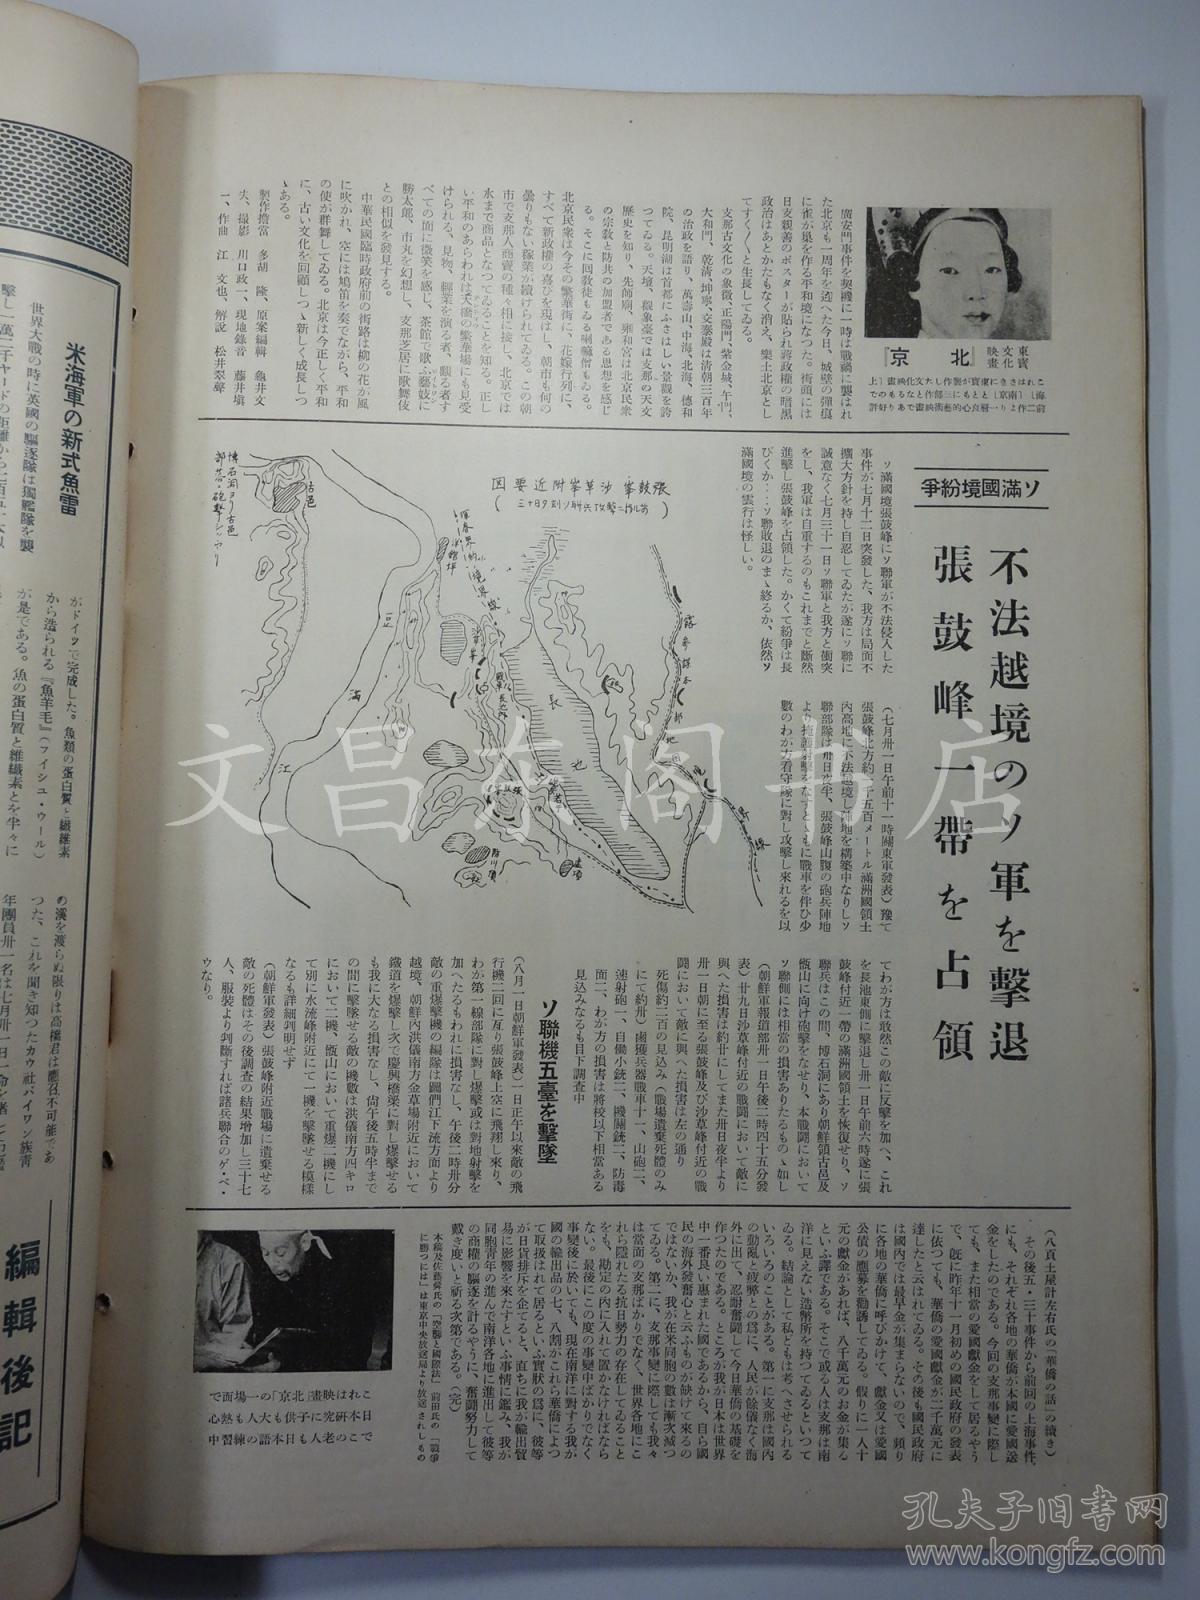 民国萝卜1938年9月《画报跃进之山西》日本第2保卫水晶96攻略时期萝卜图片